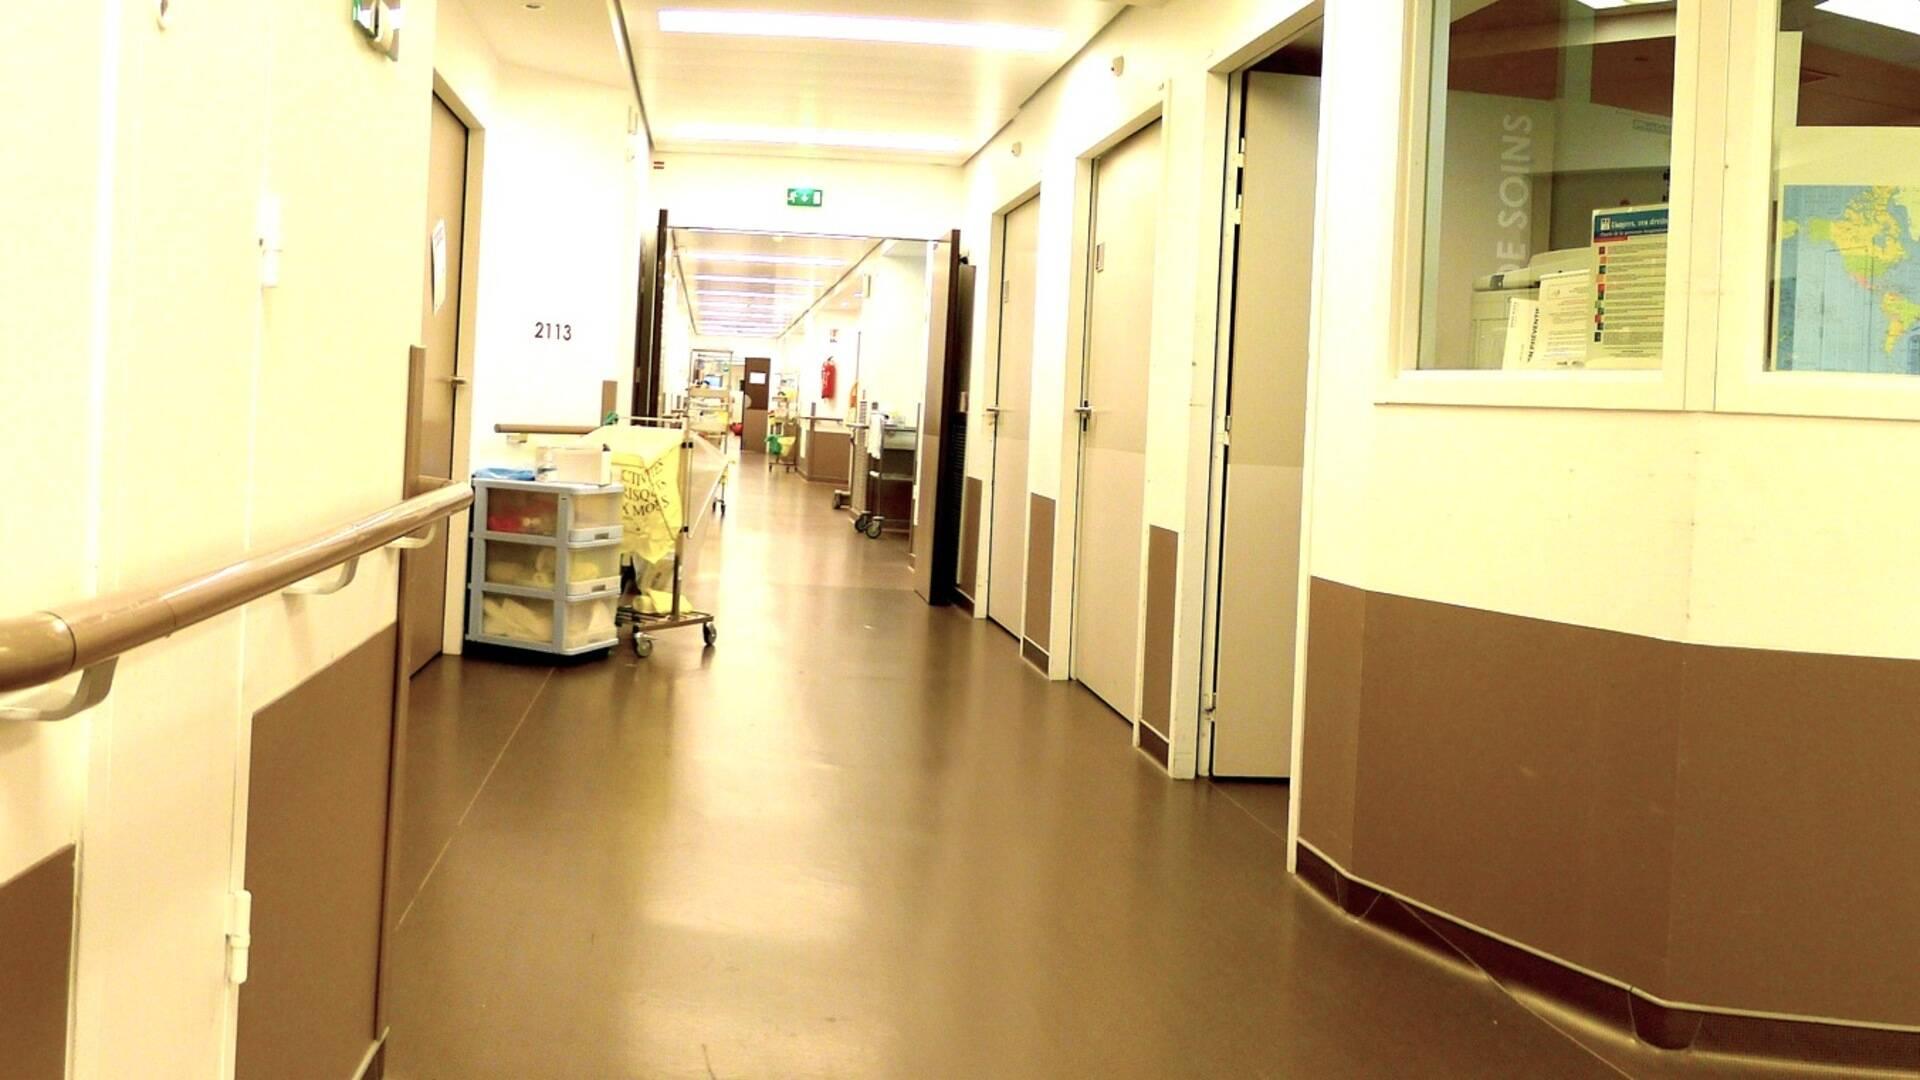 NHS-Agreement-Calais-Hospital-France